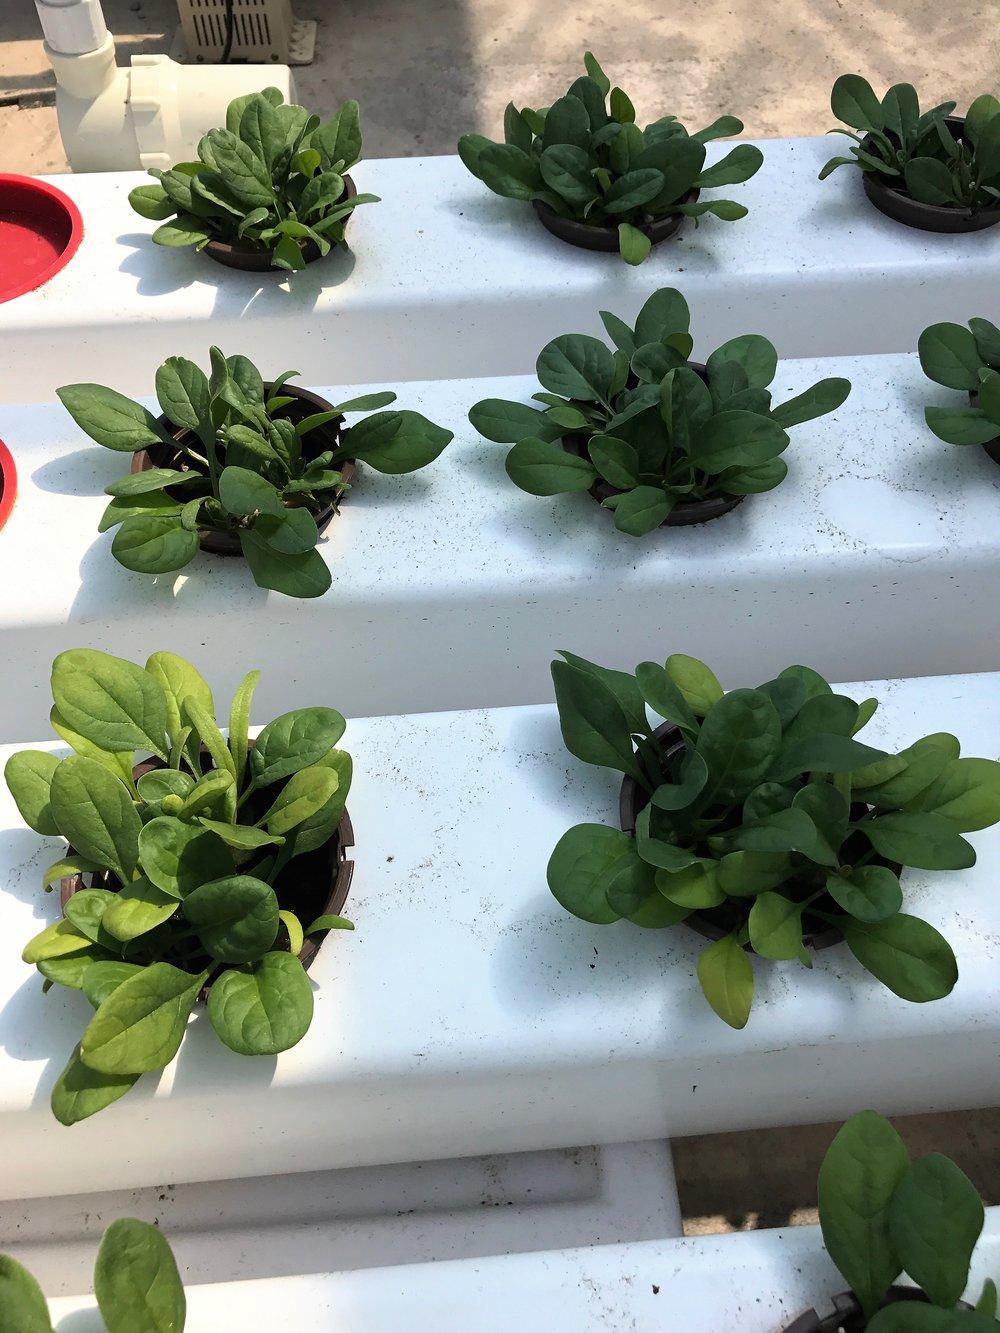 Spinach in Aeroflow.JPG